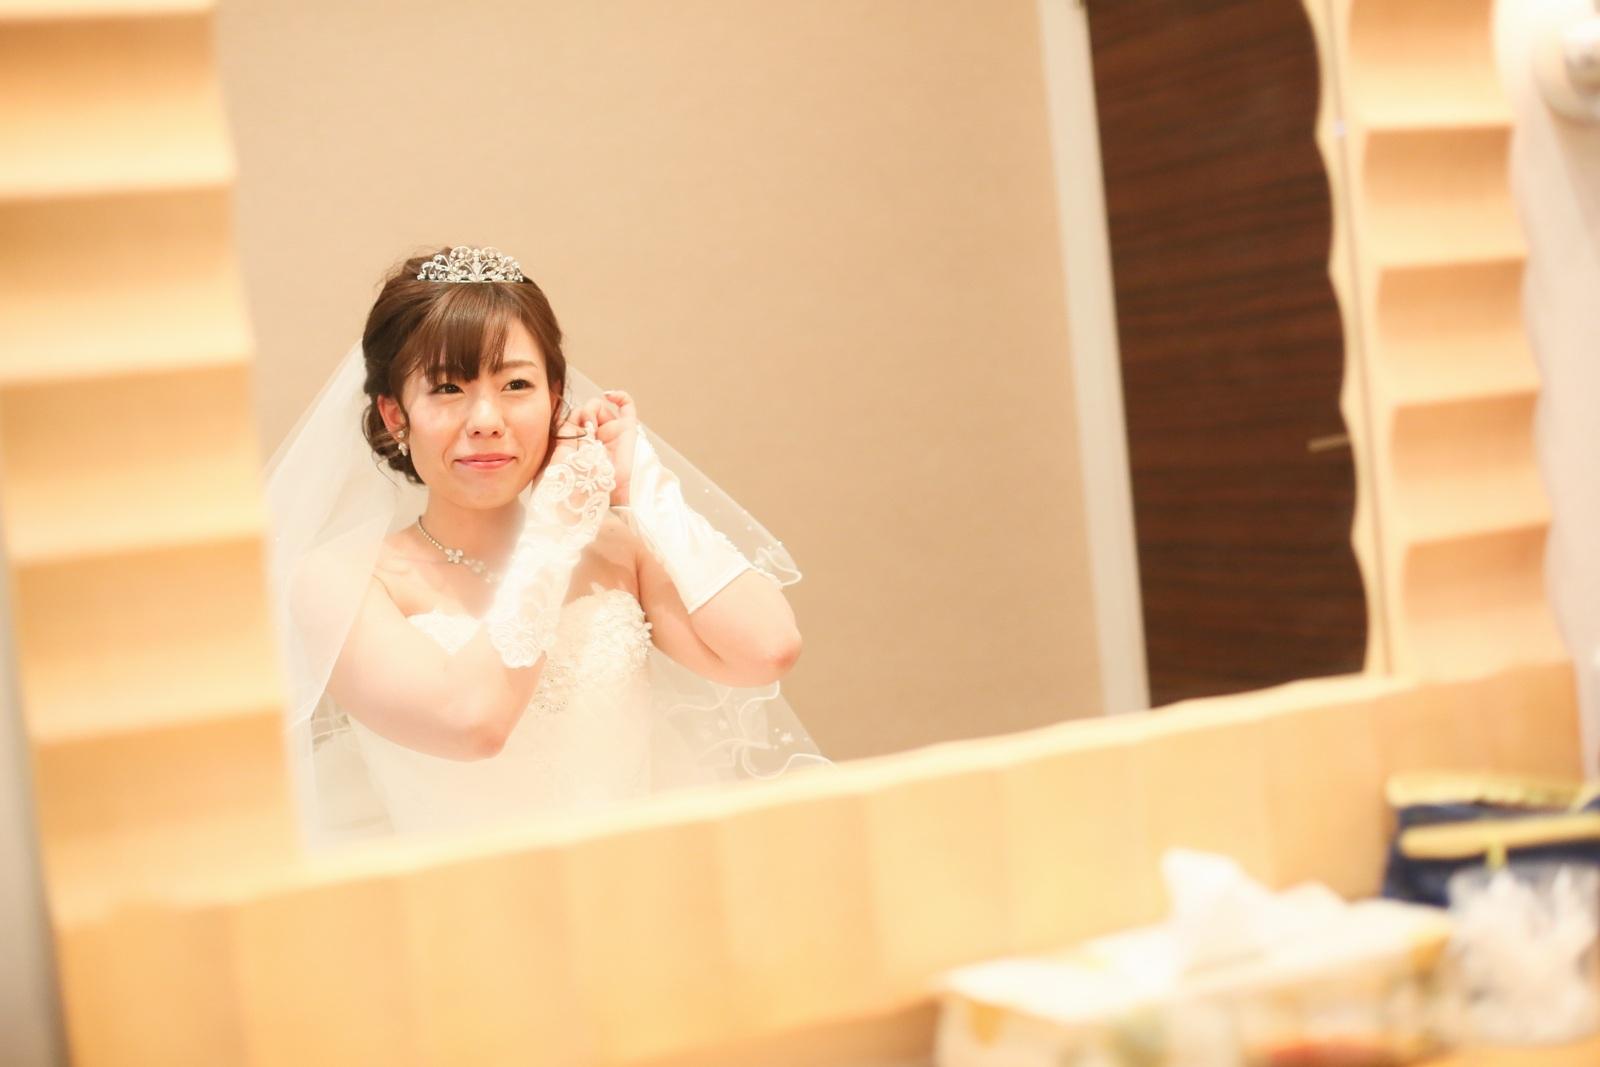 高松市の結婚式場アイルバレクラブの控室で支度をする新婦